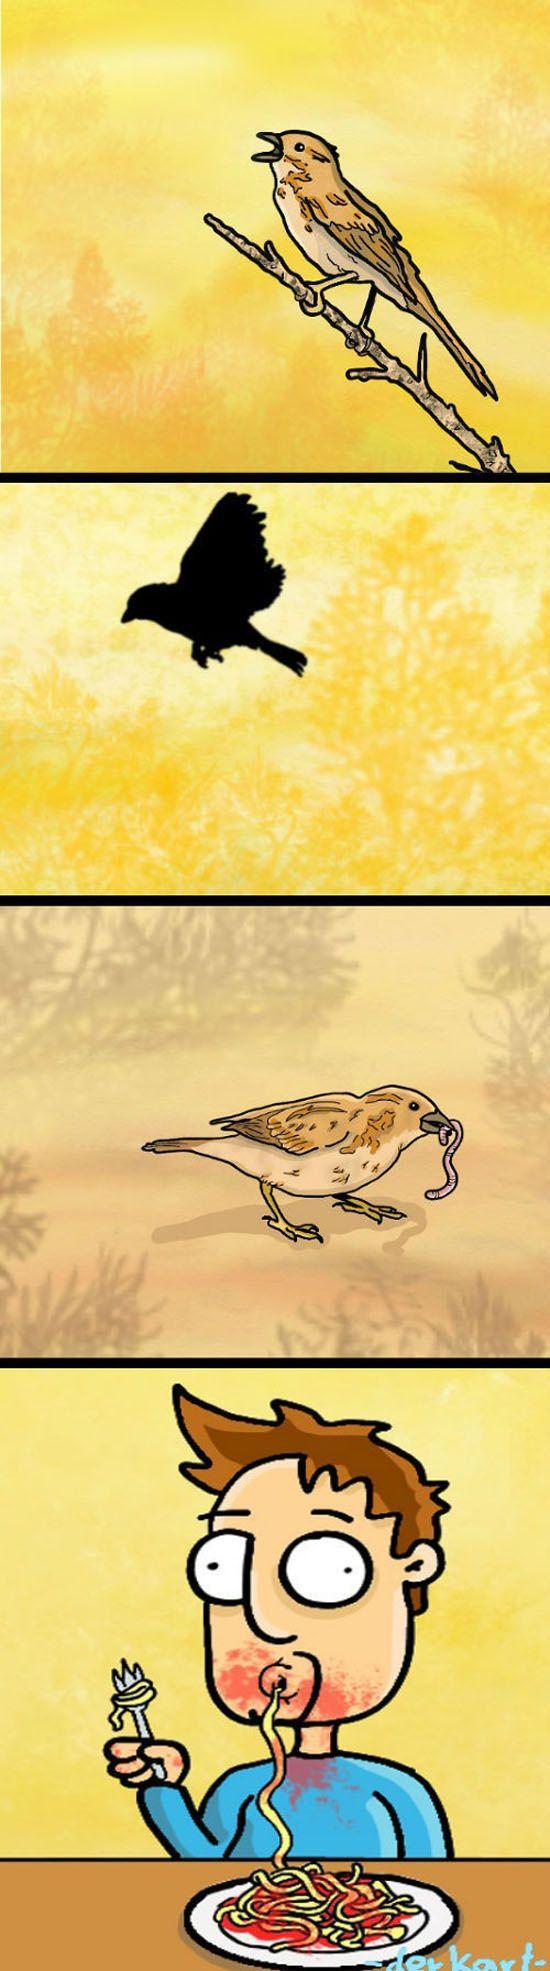 Юмор выражение лица, комикс, макароны, прикольная картинка, птичка, червяк